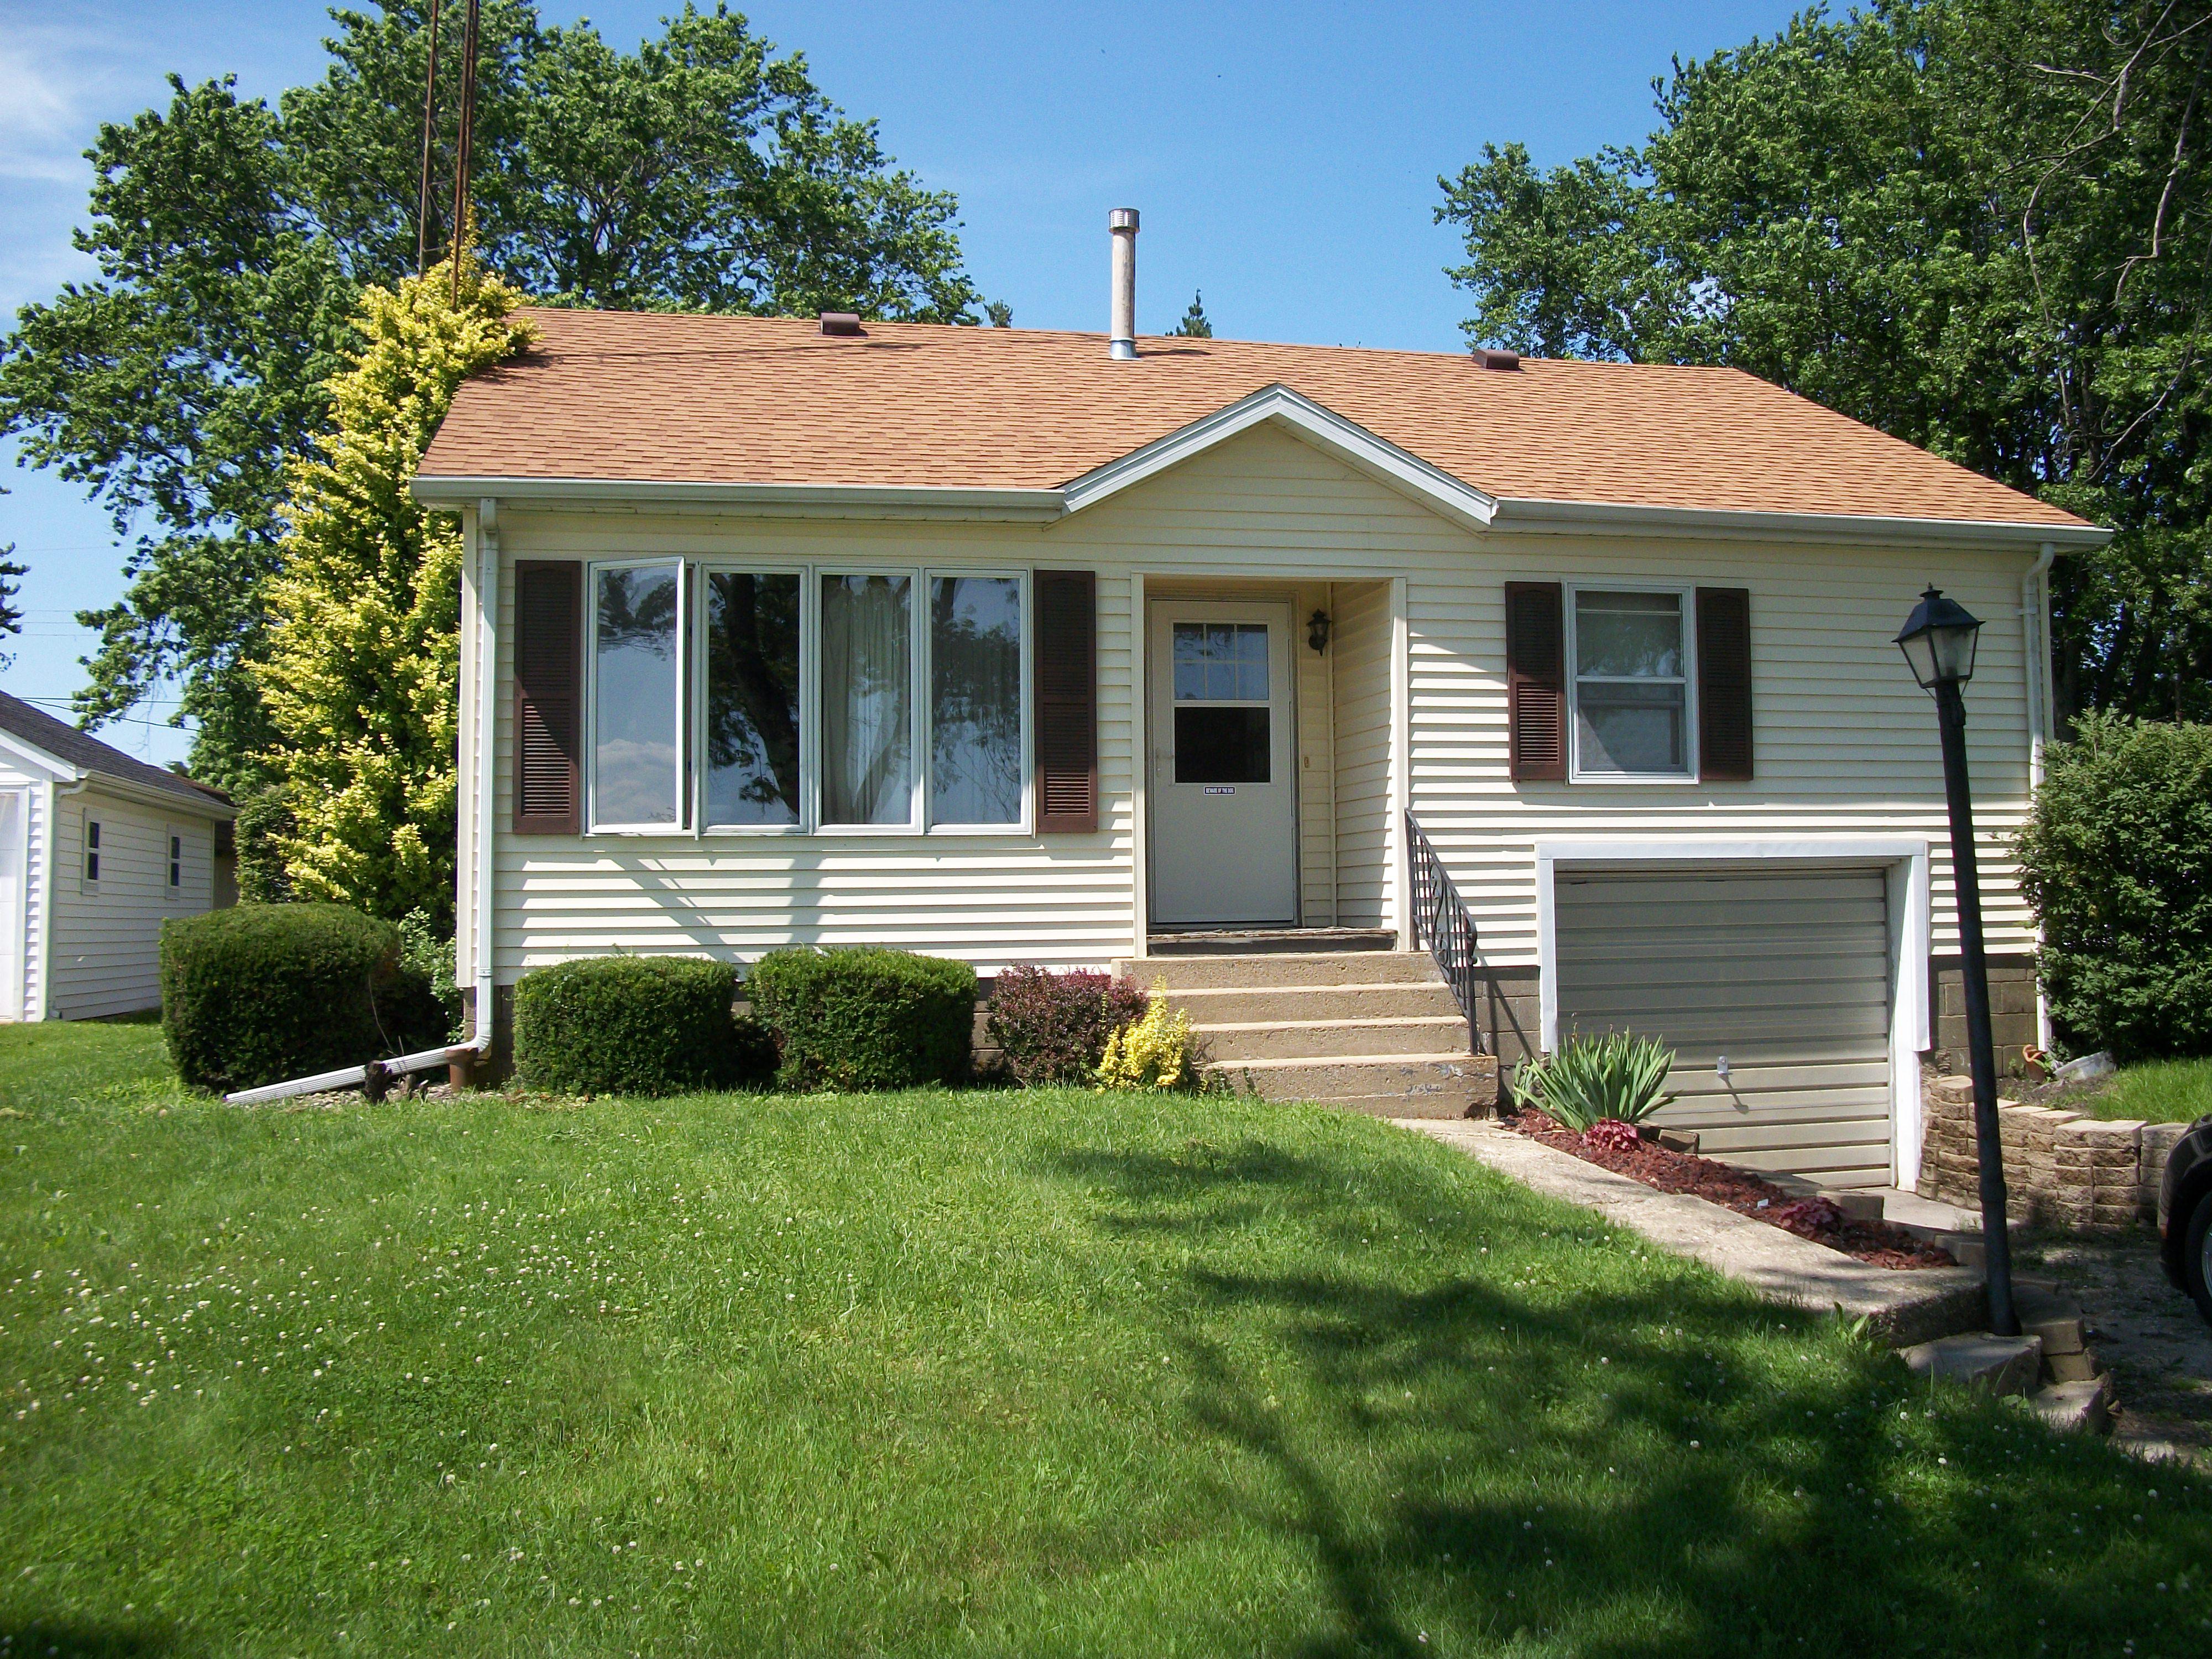 314 W Weldon, Roberts, Illinois 60962